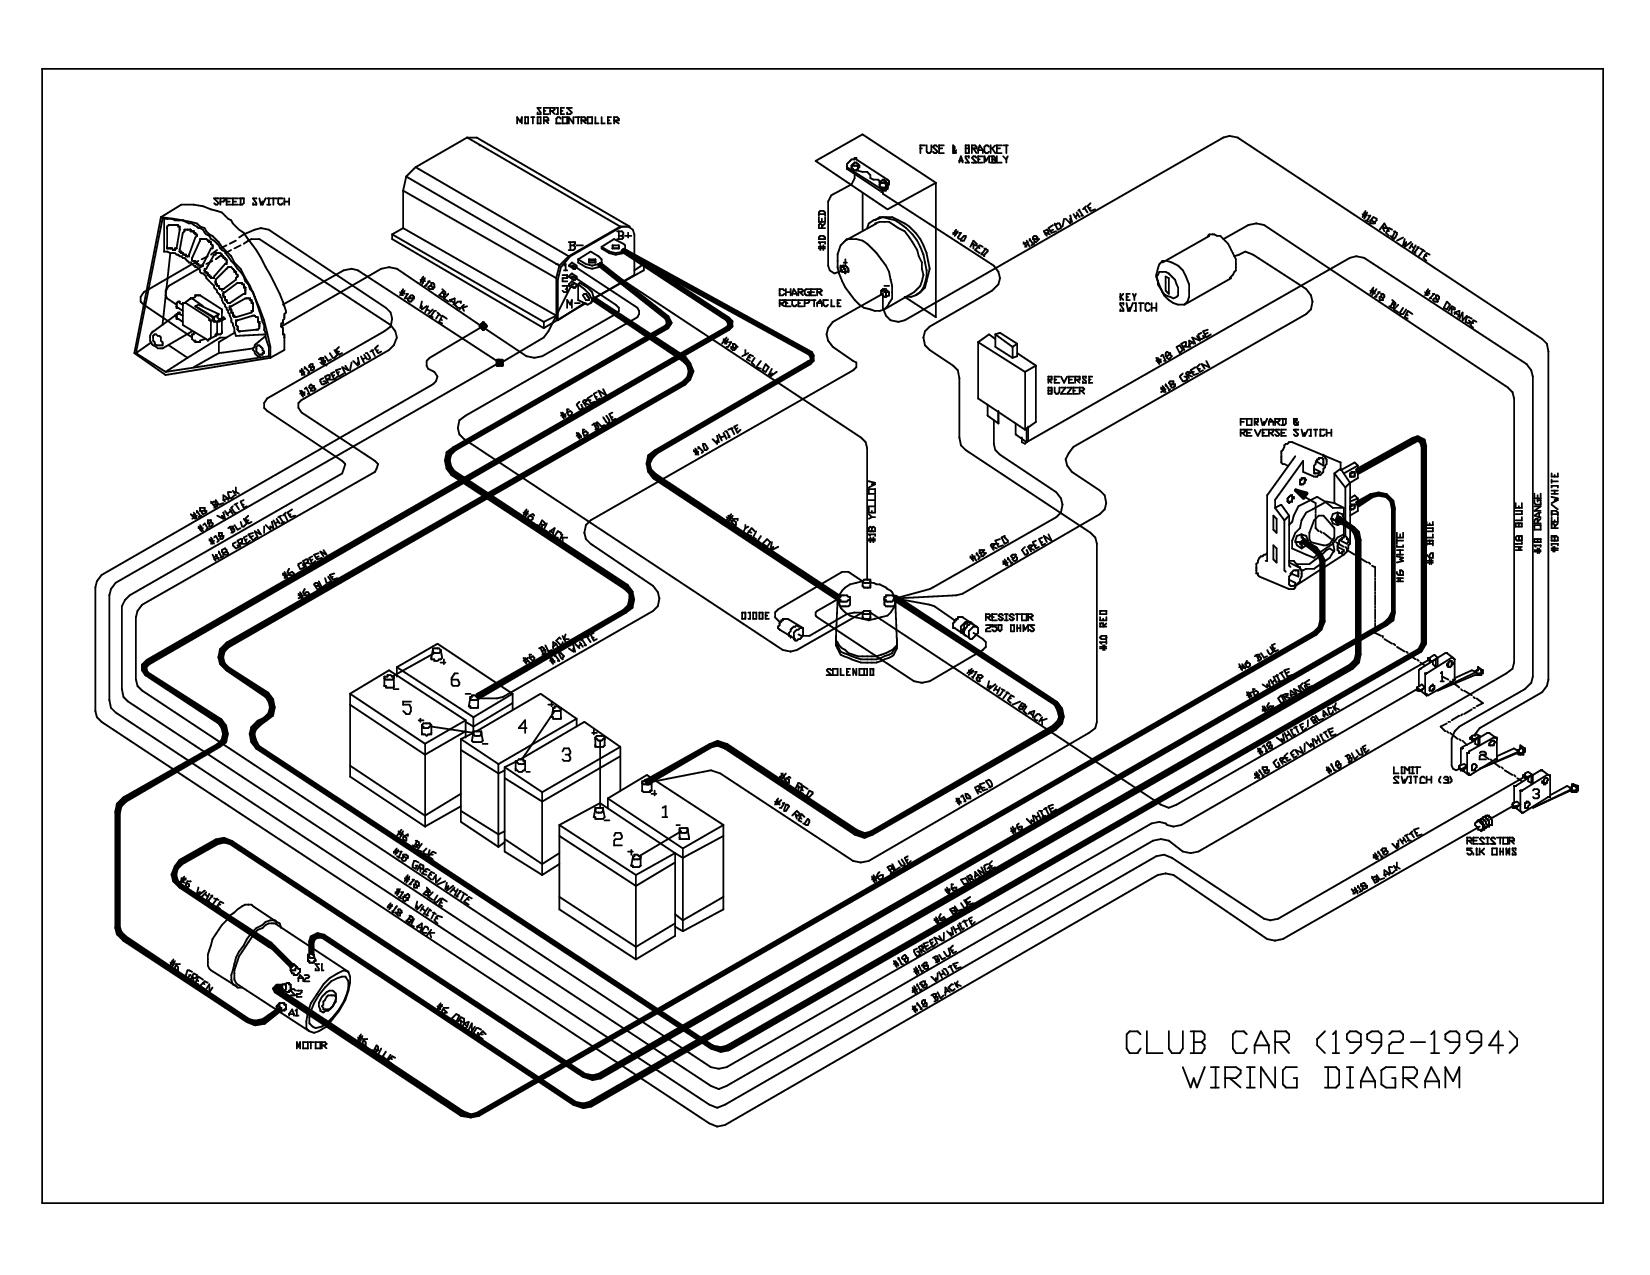 1995 Club Car Wiring Diagram